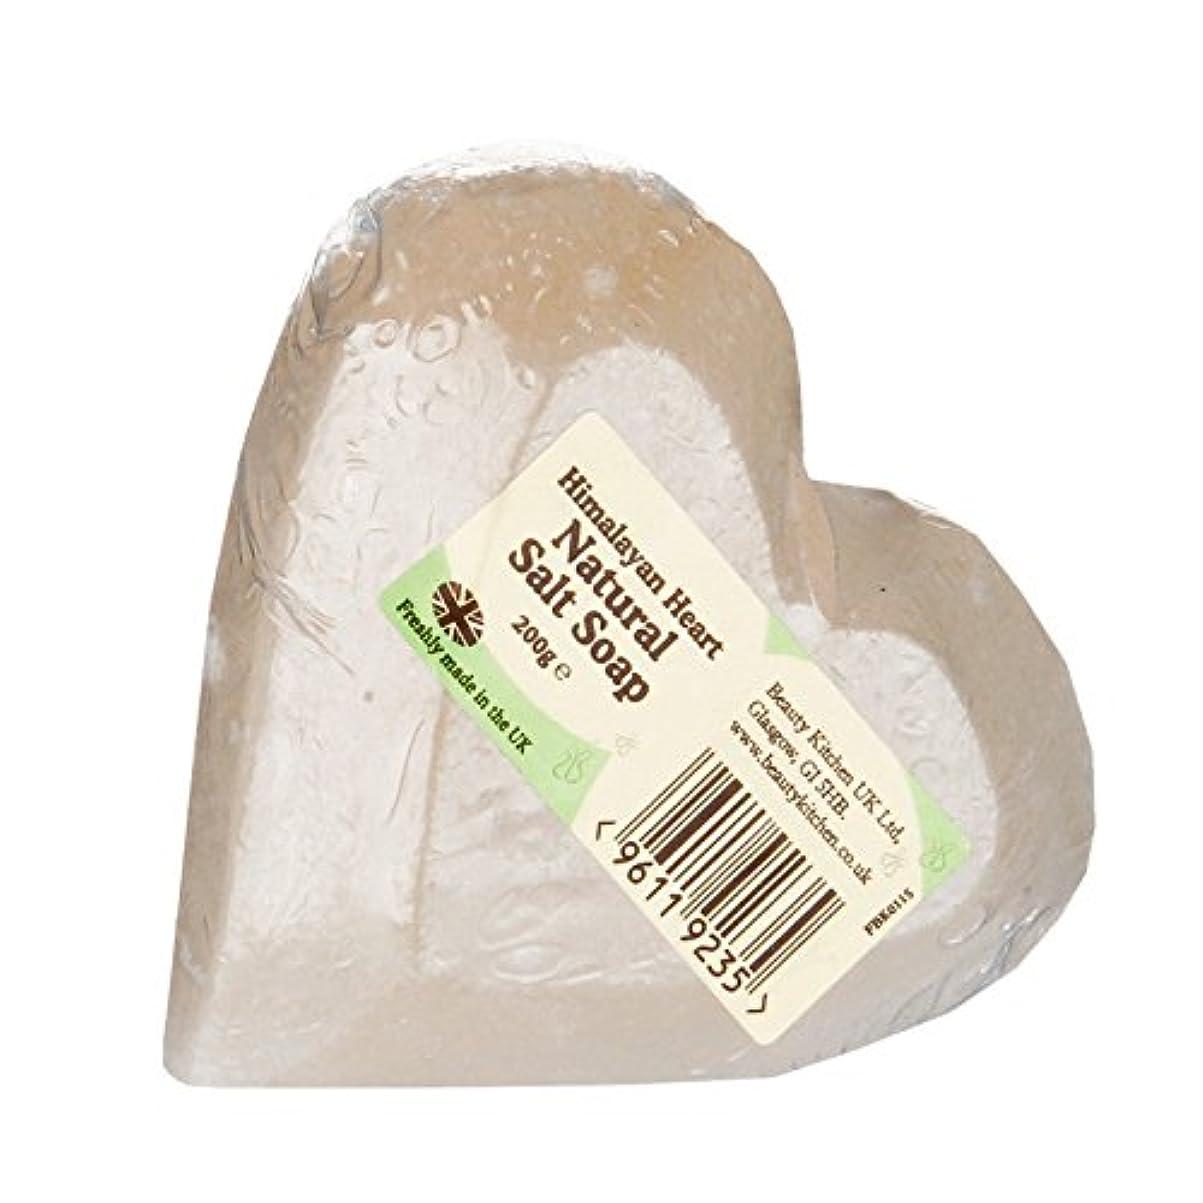 五にんじん細菌美容キッチンヒマラヤンハートソープ200グラム - Beauty Kitchen Himalayan Heart Soap 200g (Beauty Kitchen) [並行輸入品]